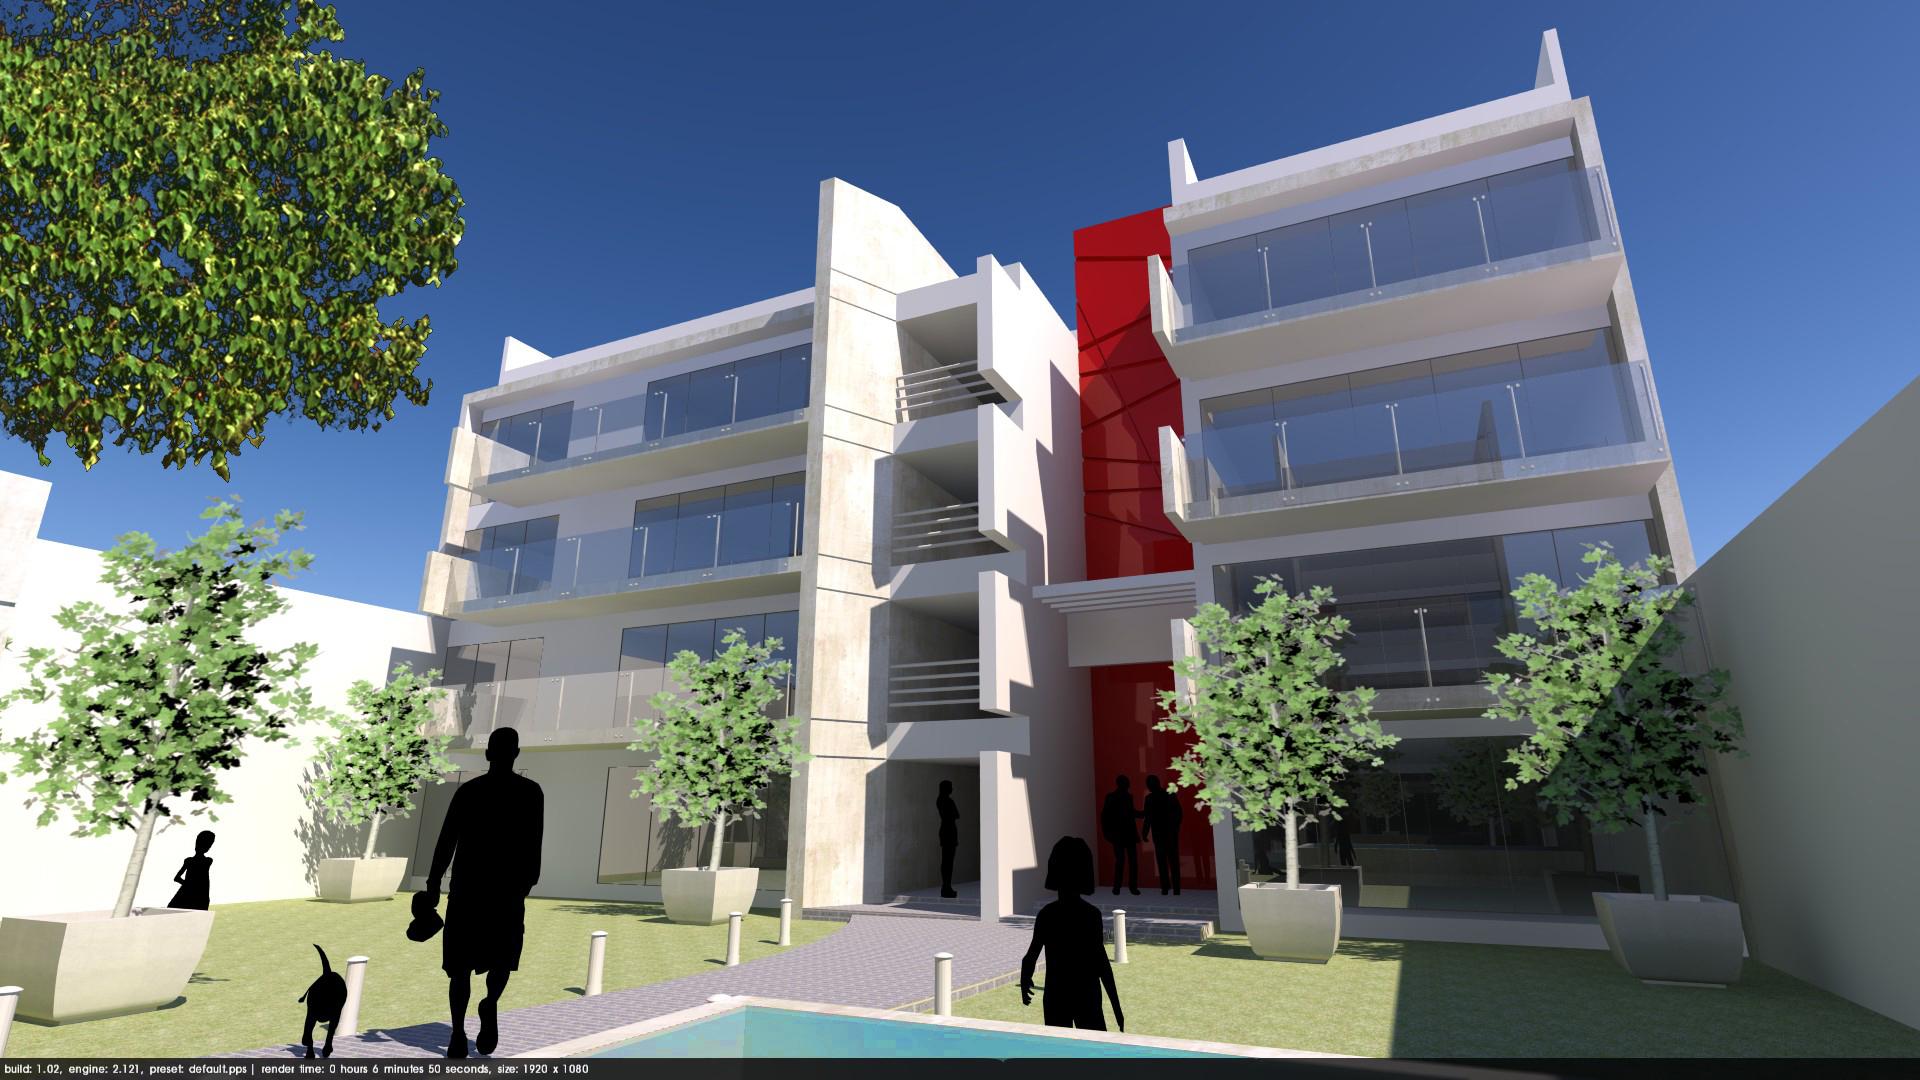 Pamplona 3d  v6 2012-05-24 15463100000.jpg